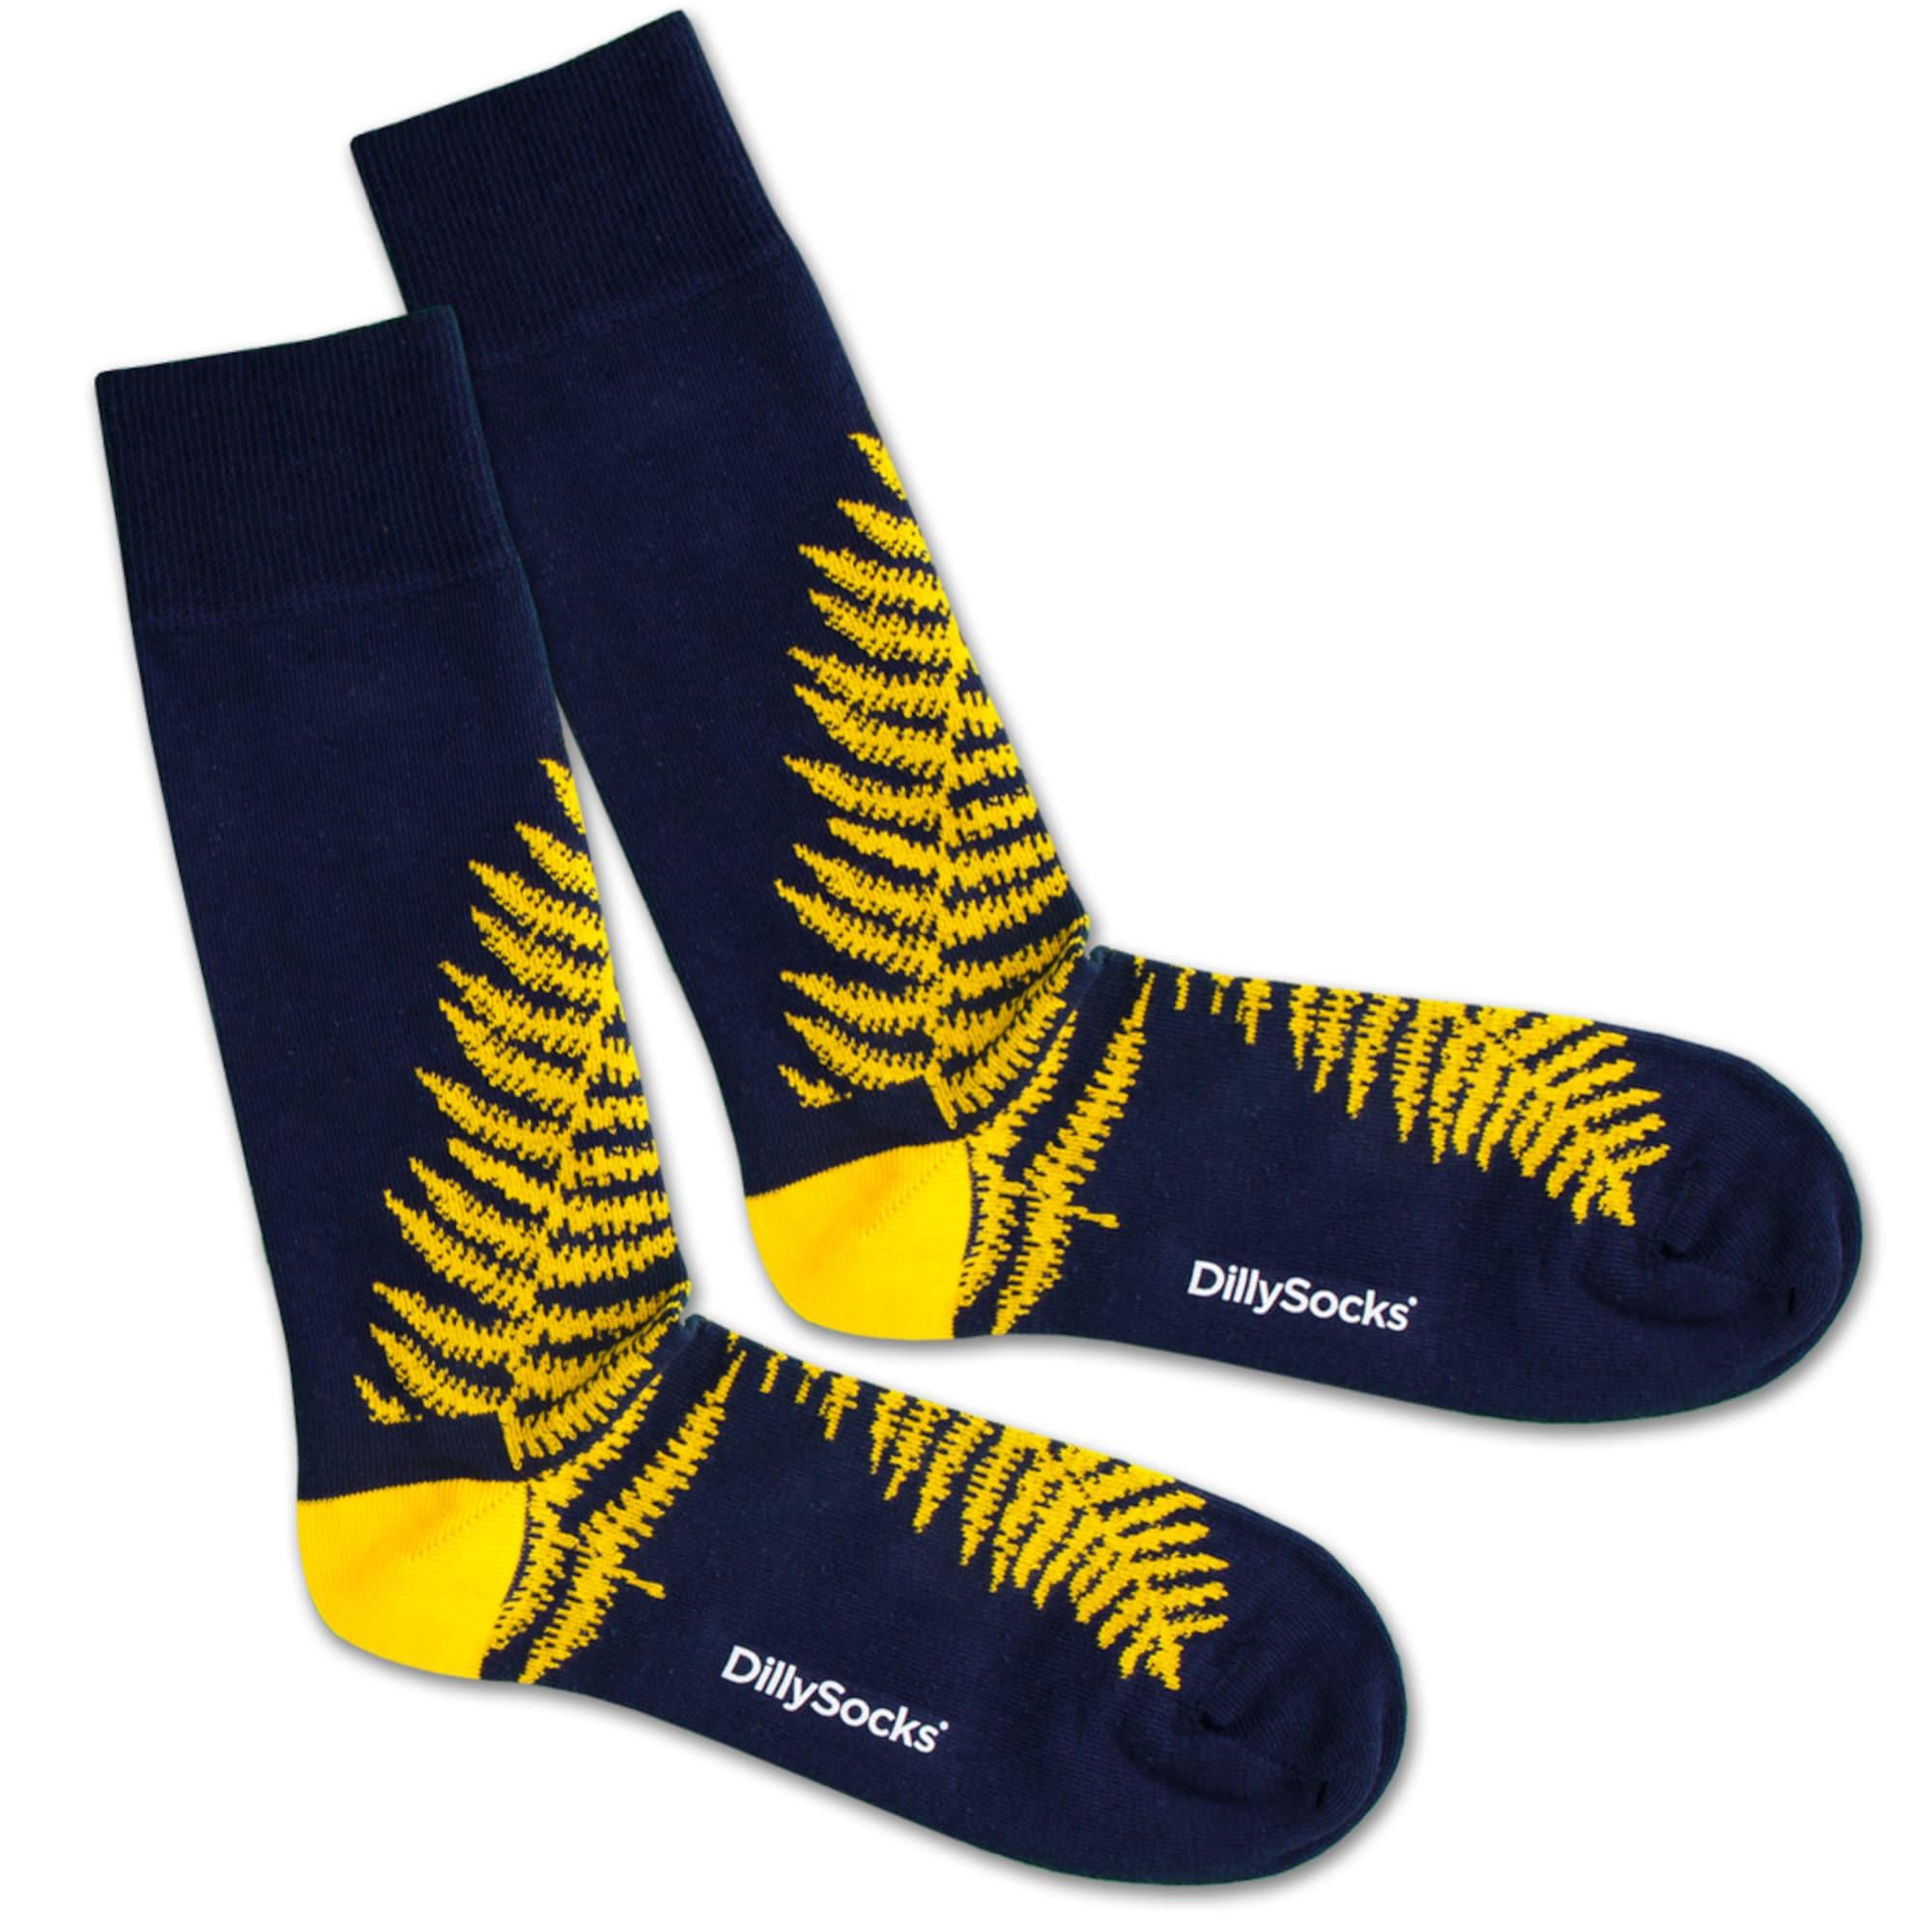 Ponožky Blue Fern modrá žlutá DillySocks